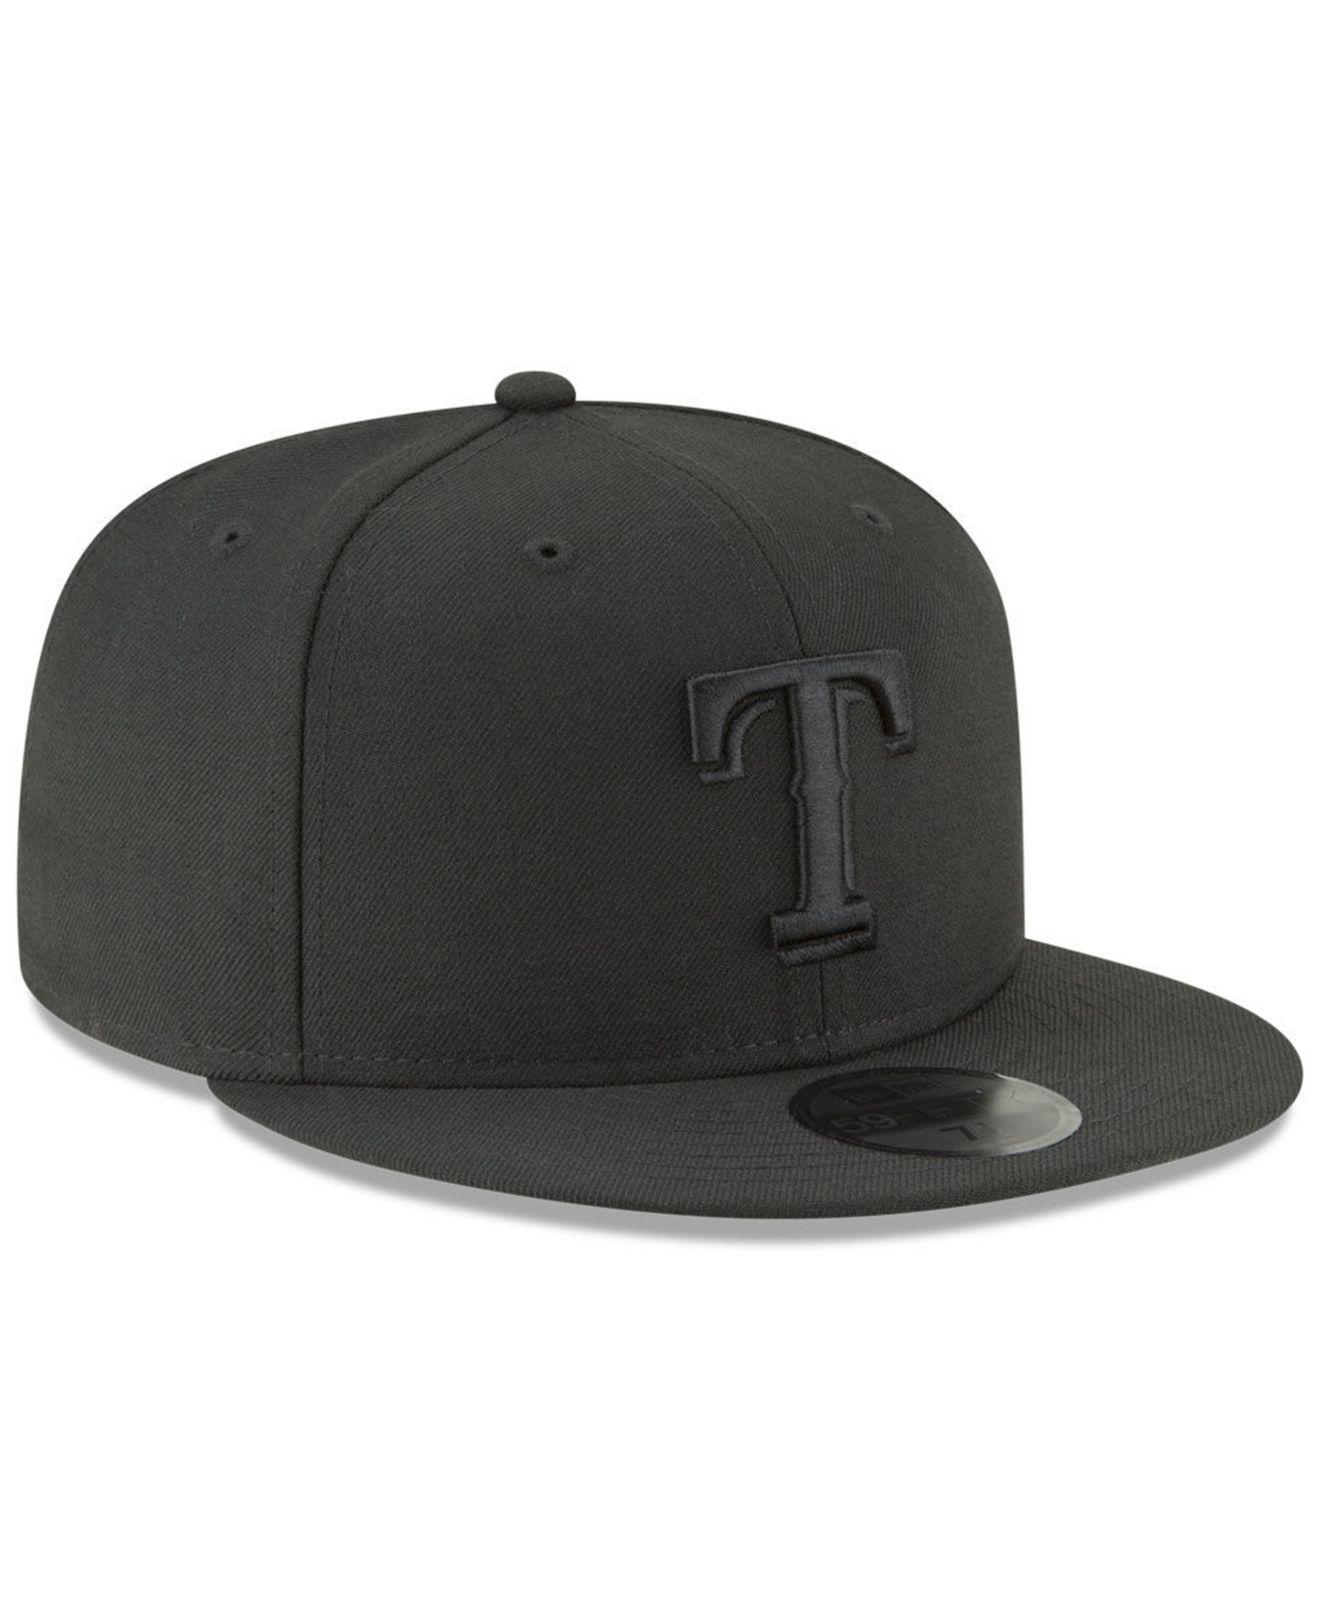 a37356845fd KTZ - Texas Rangers Blackout 59fifty Fitted Cap for Men - Lyst. View  fullscreen